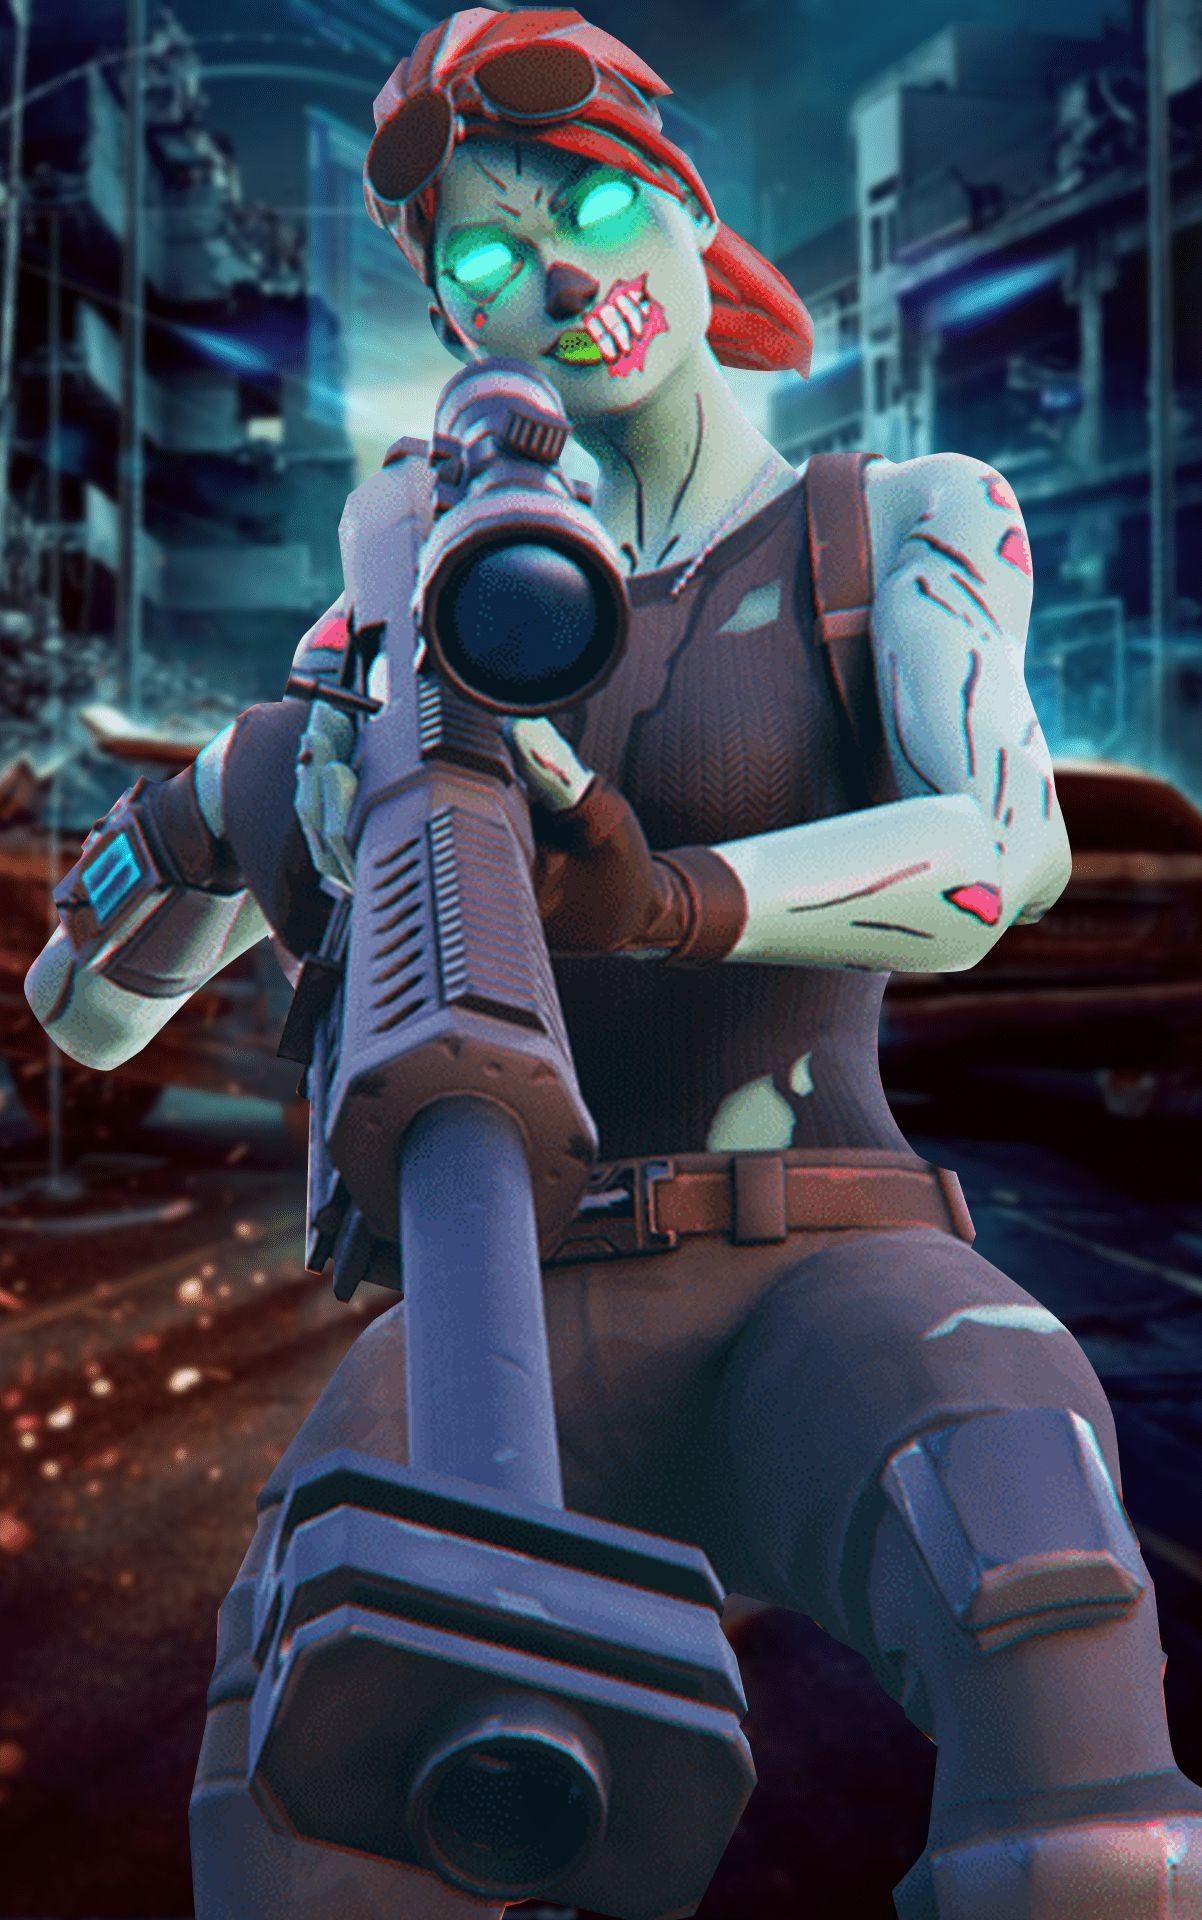 Ghoul Trooper In 2020 Gaming Wallpapers Best Gaming Wallpapers 4k Gaming Wallpaper